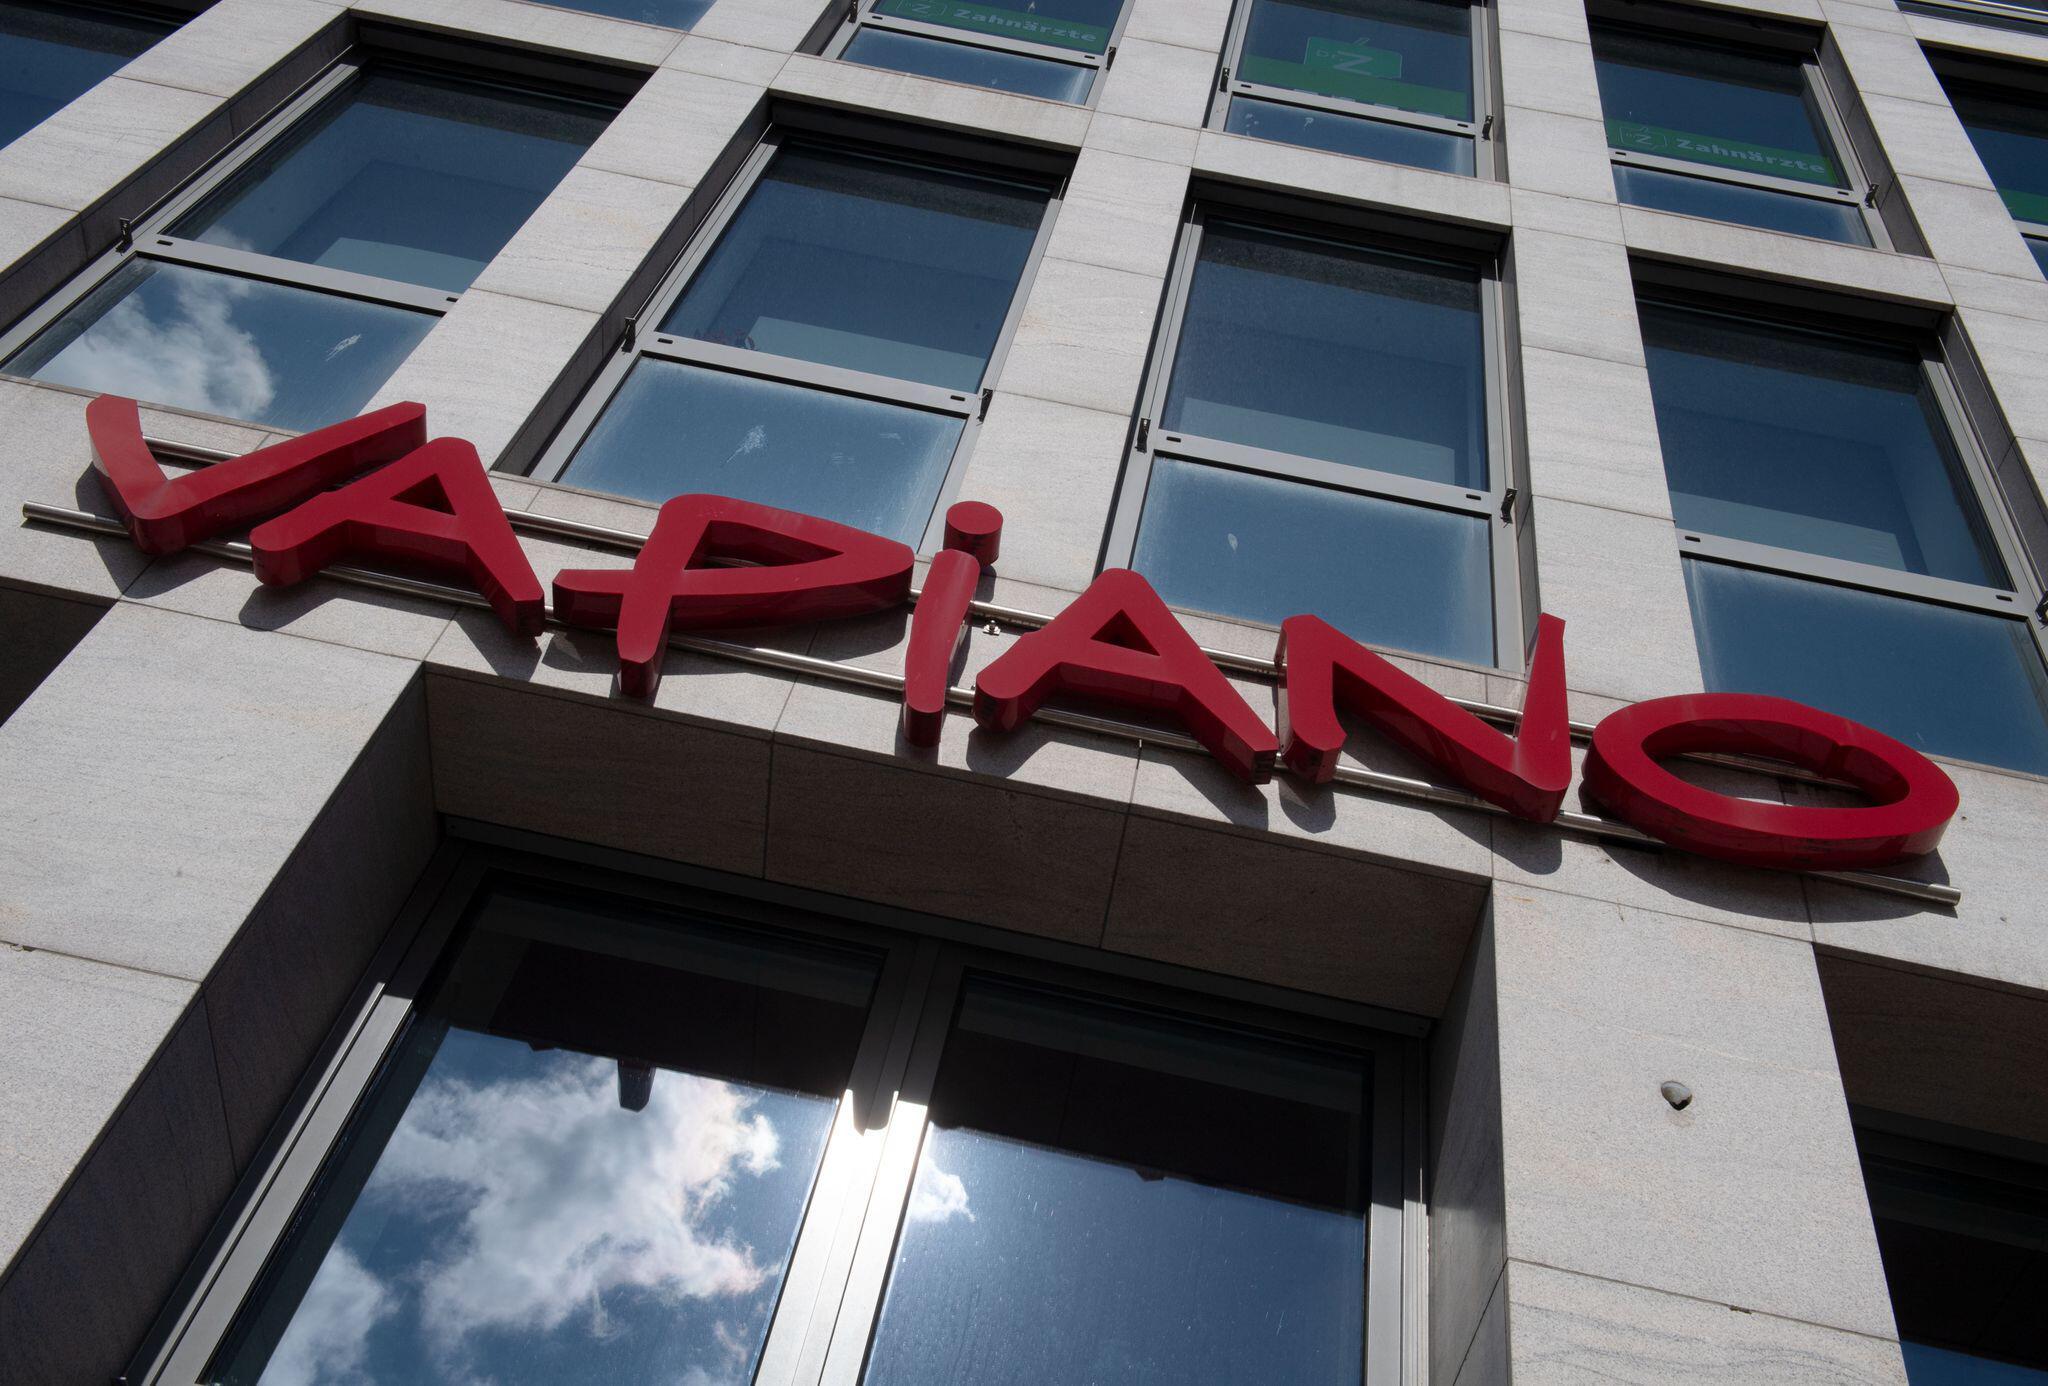 Bild zu Restaurantkette Vapiano stellt Antrag auf Insolvenz